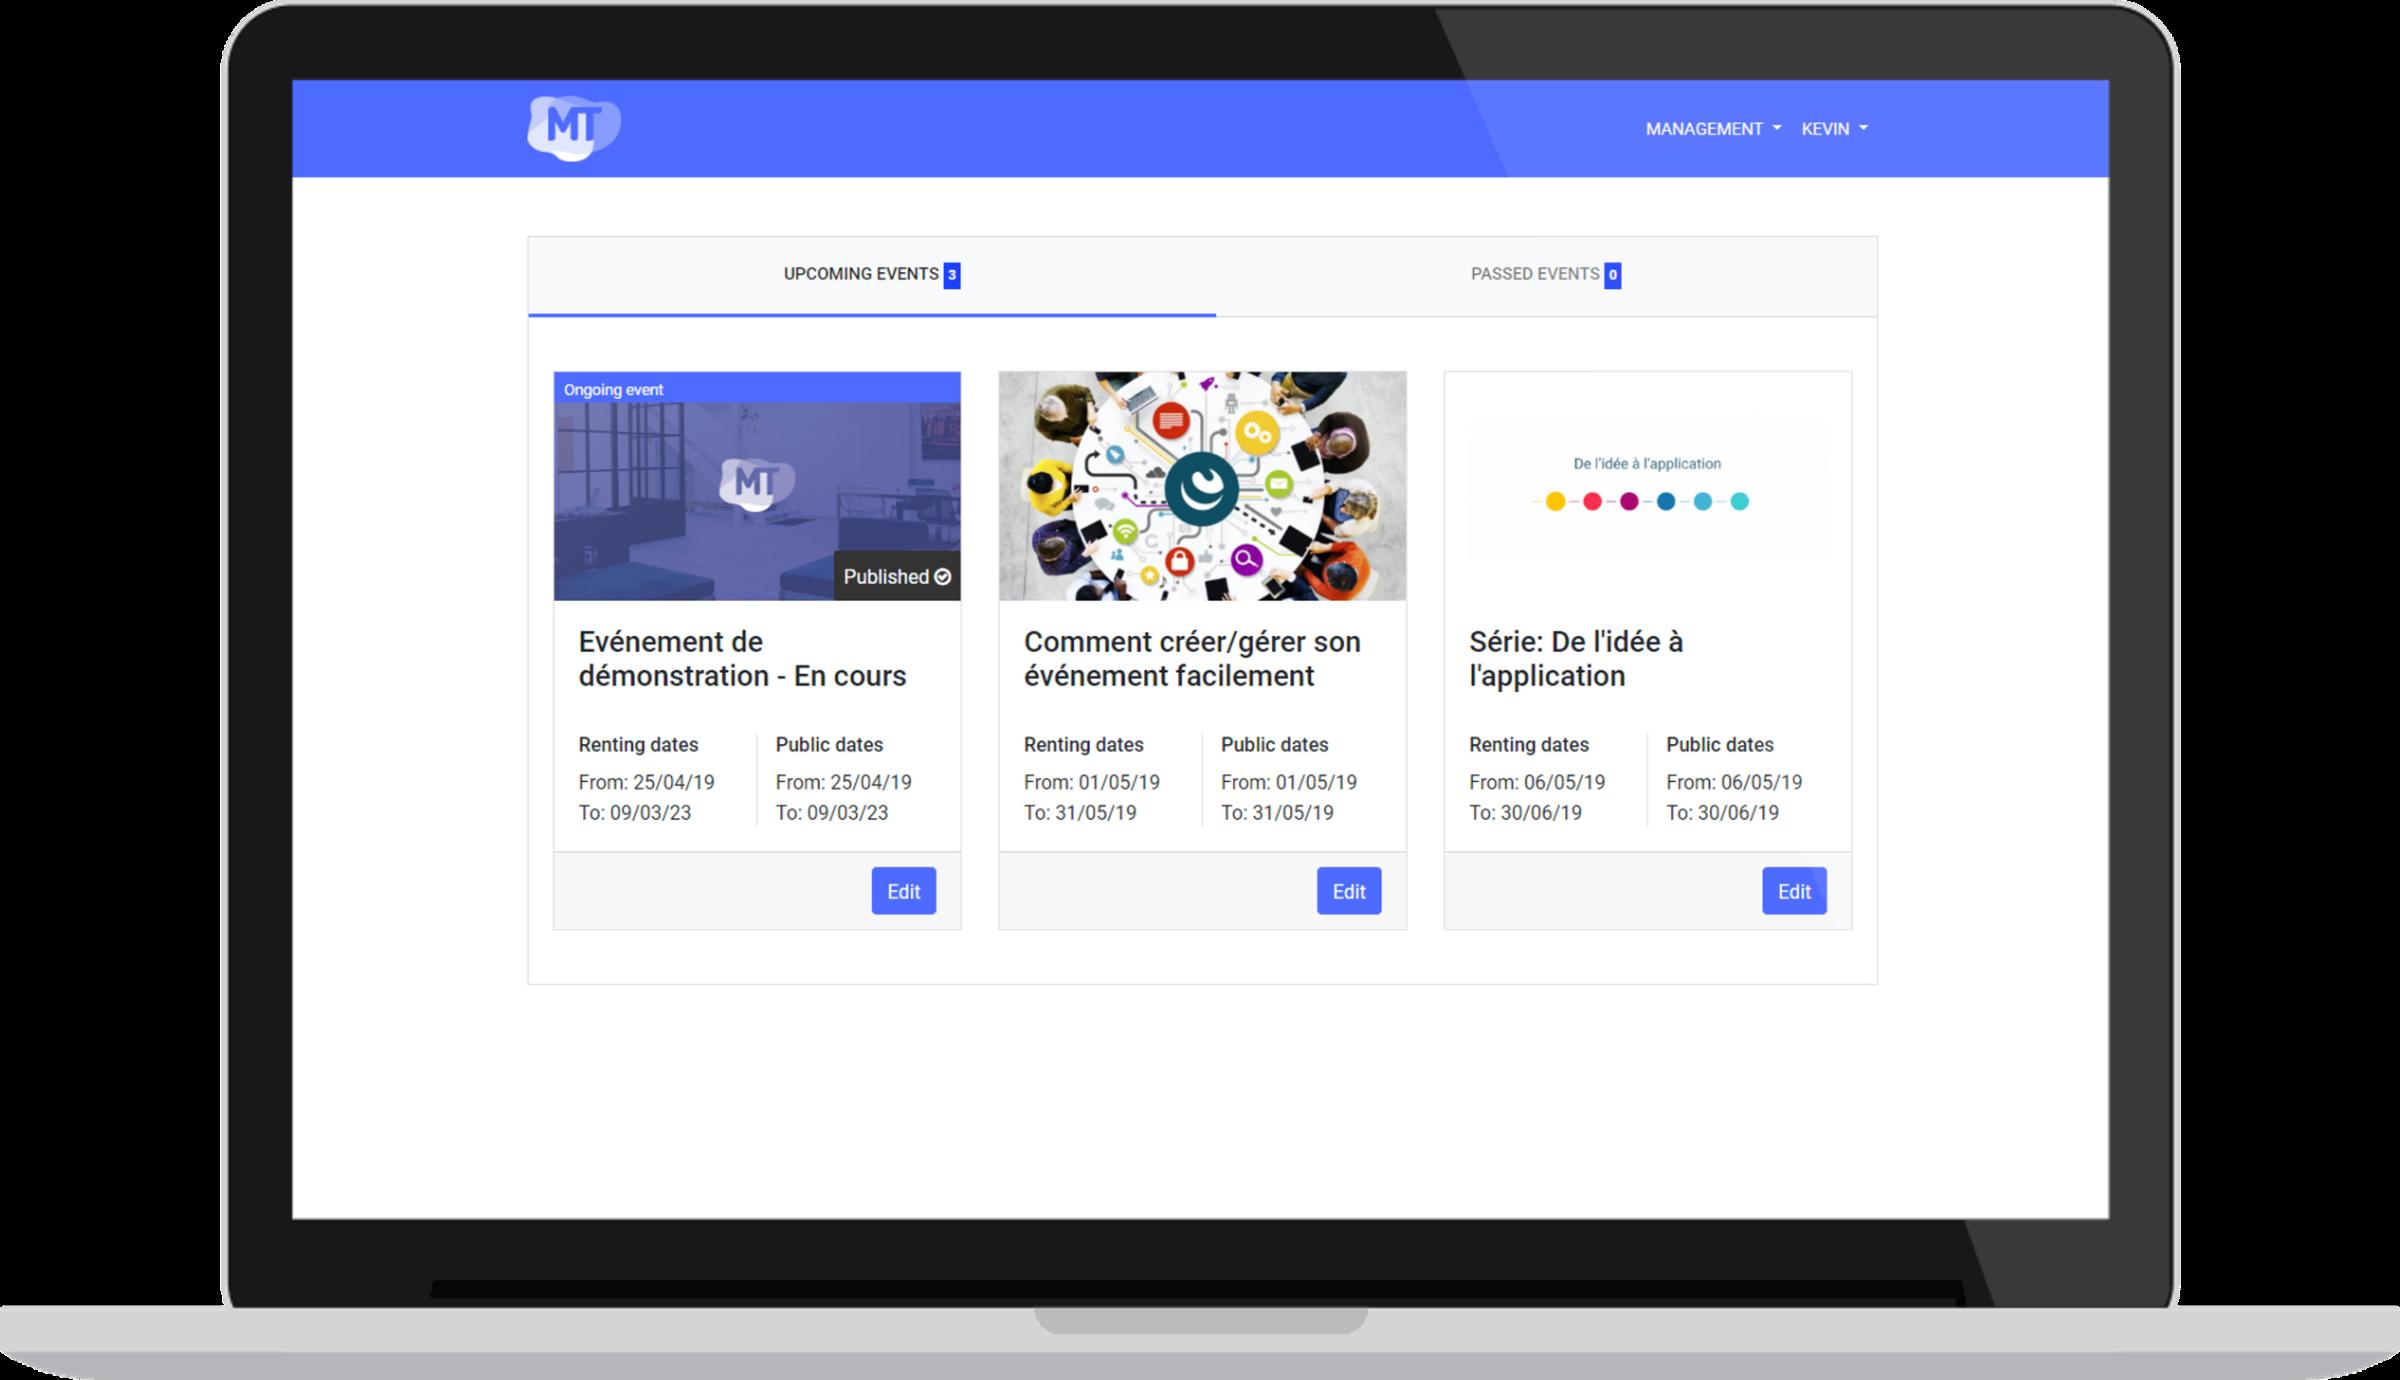 Dashboard - Un écosystème complet pour la gestion et diffusion de vos événements professionnels